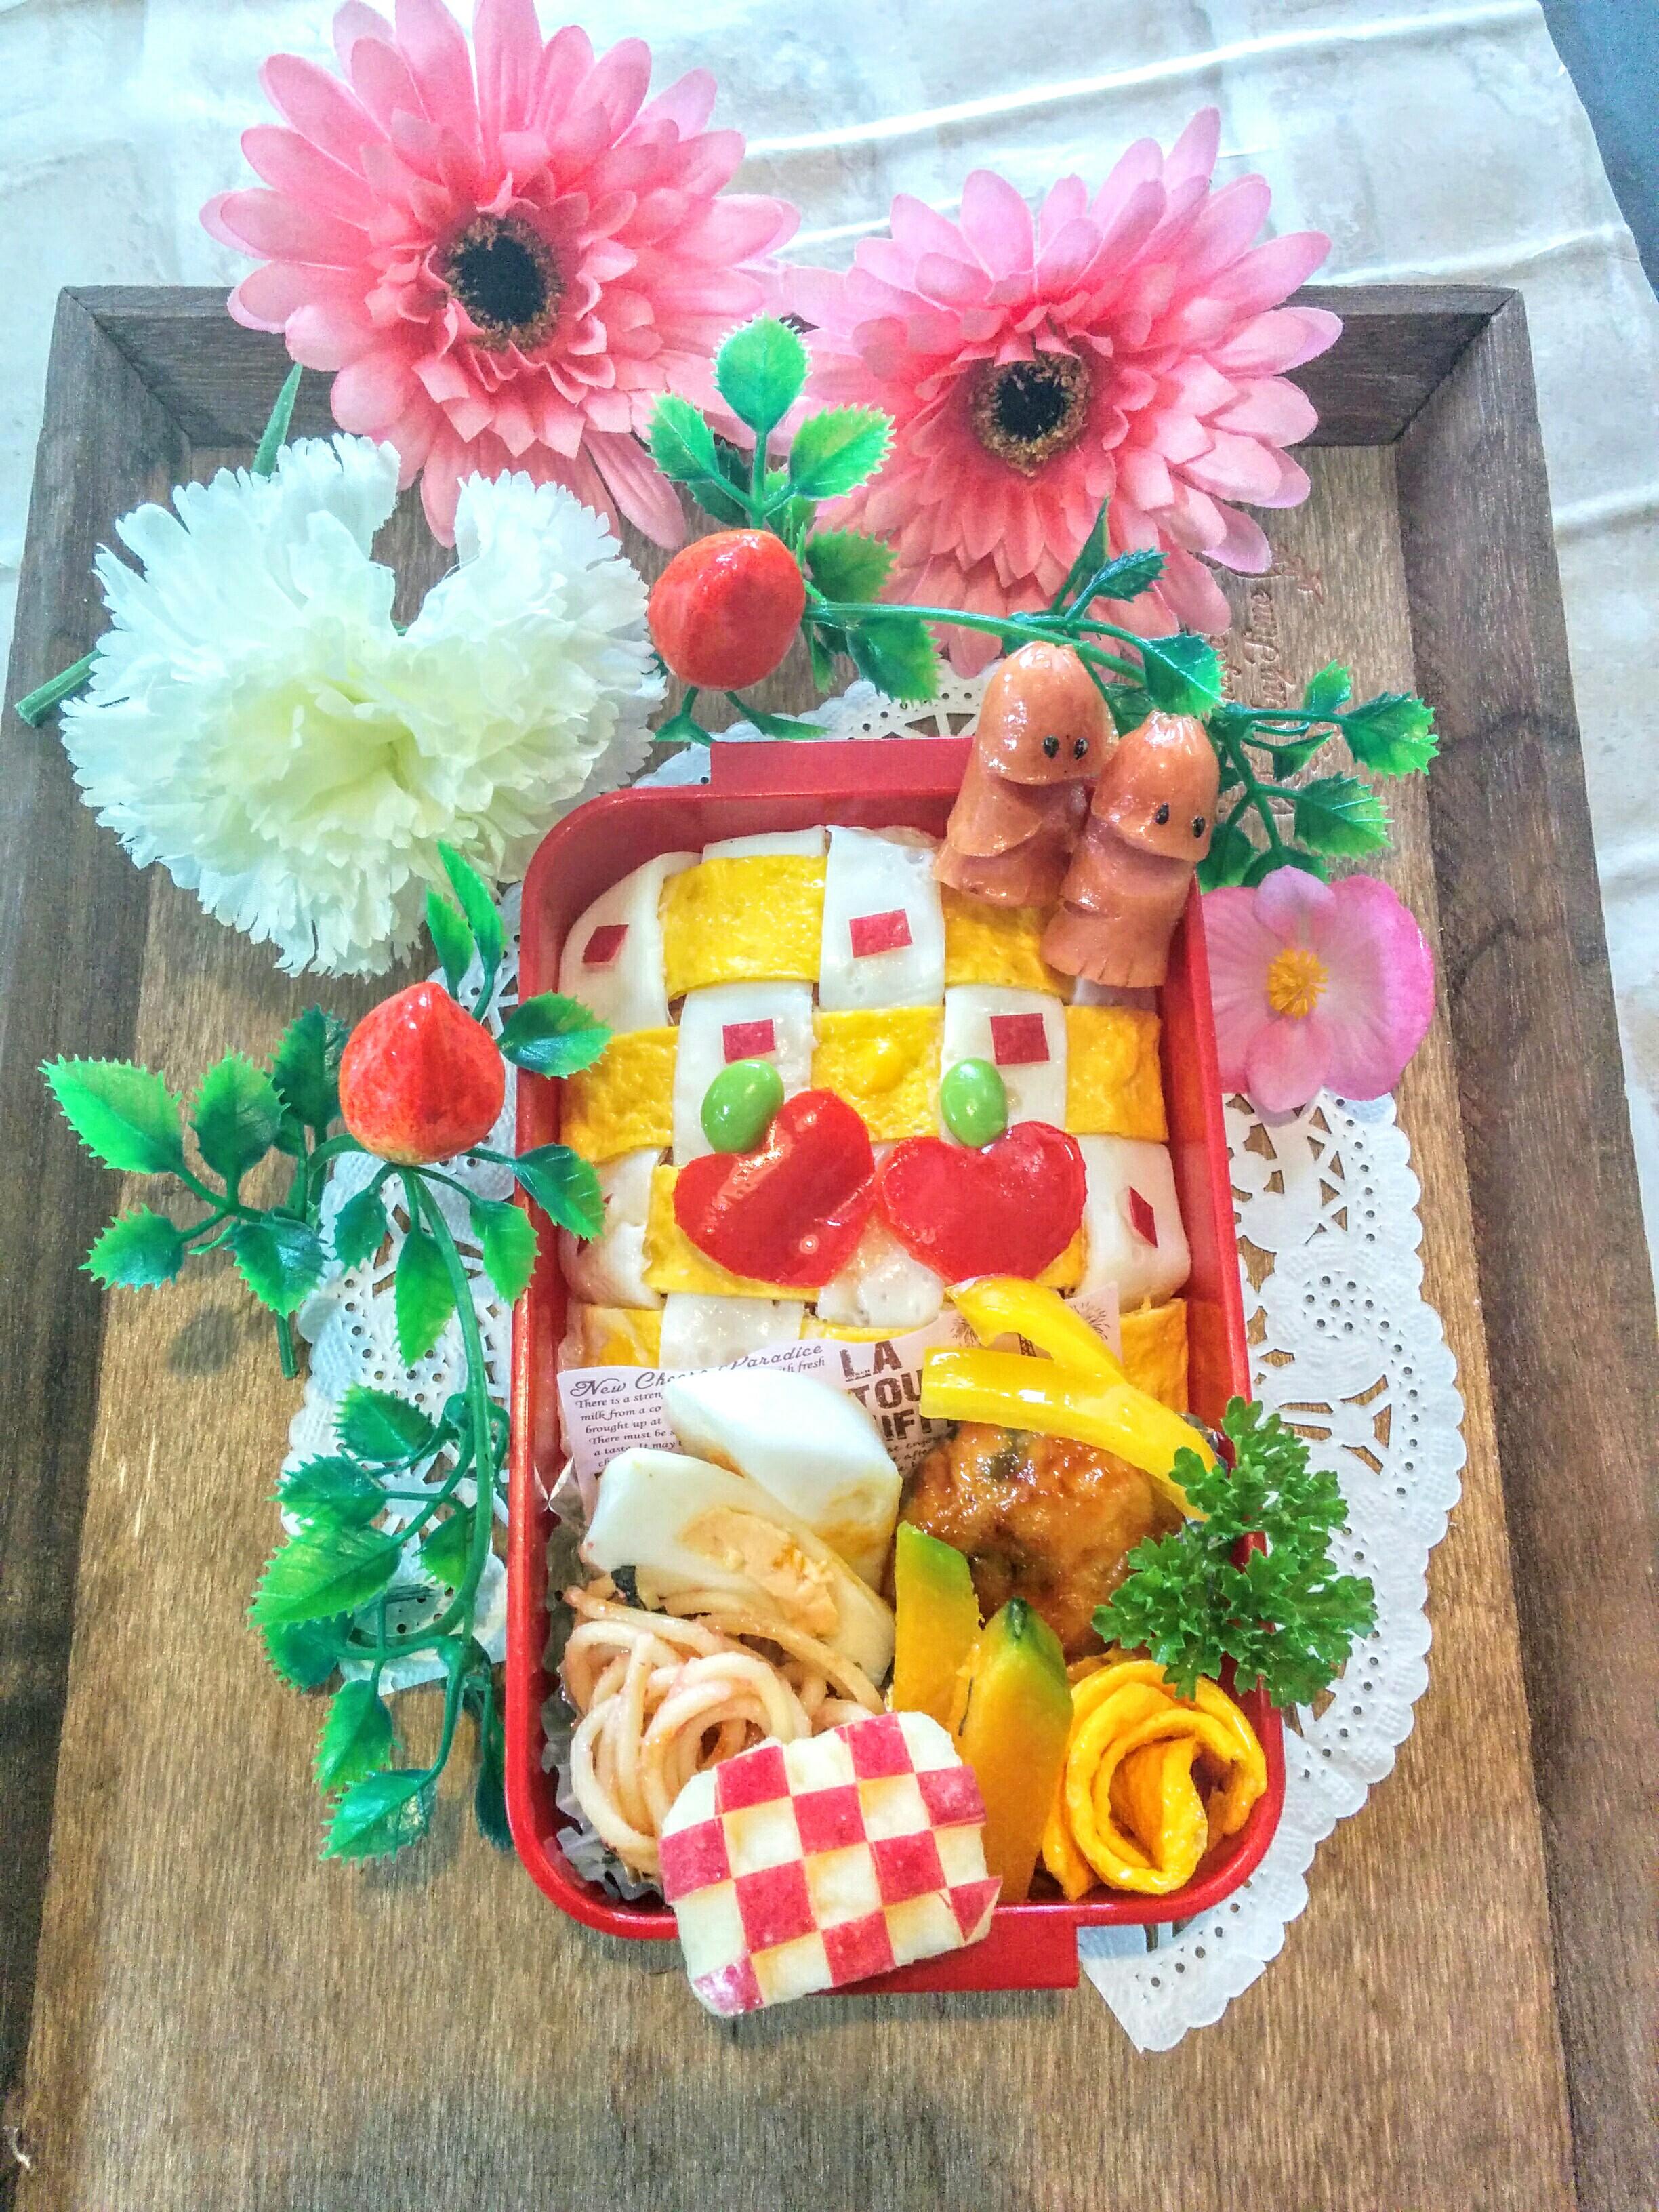 【小樽】娘の今日のお弁当・編み編みオムライス弁当グルメ案内です。